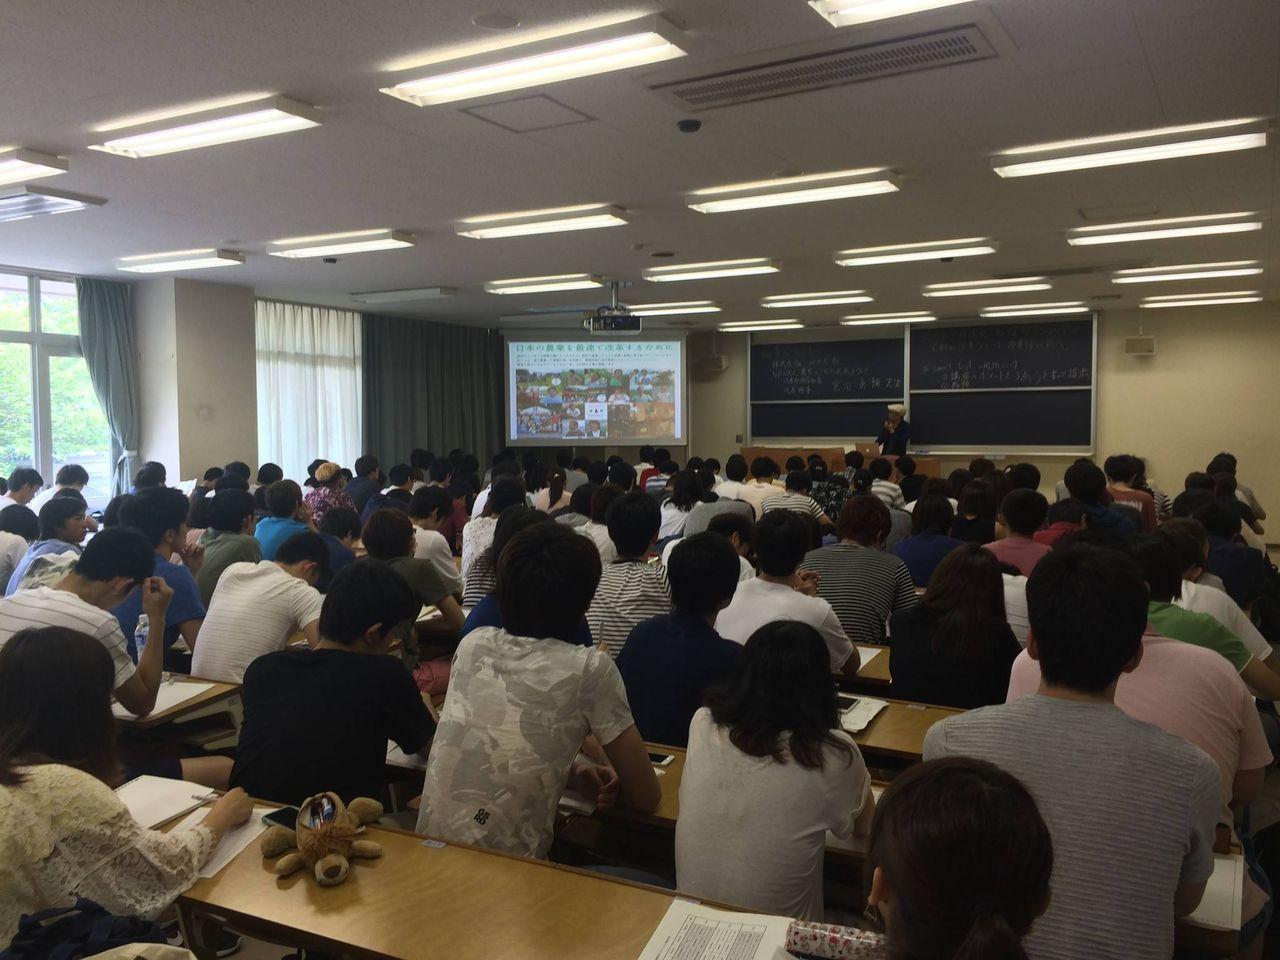 宮治勇輔講演神奈川大学